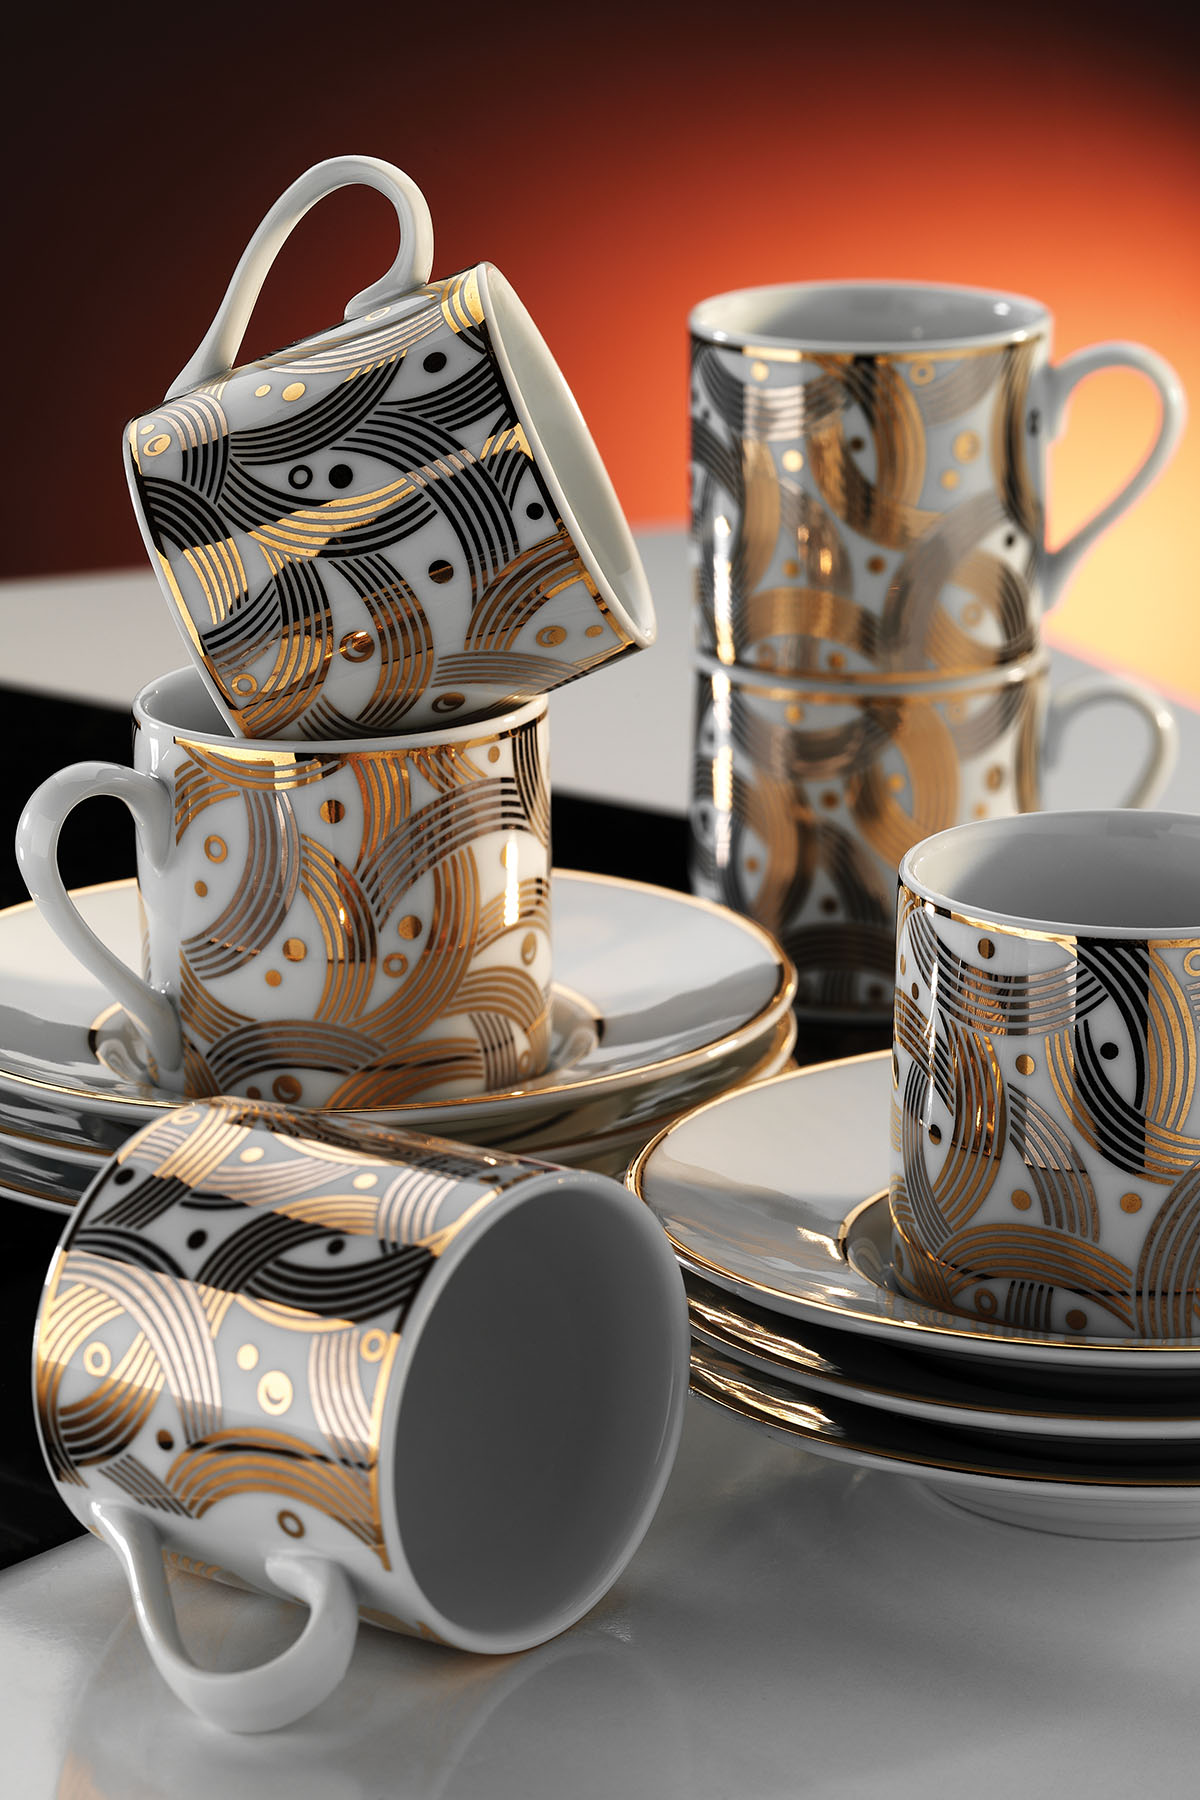 Kütahya Porselen - Kütahya Porselen Rüya 7055 Desen Kahve Fincan Takımı